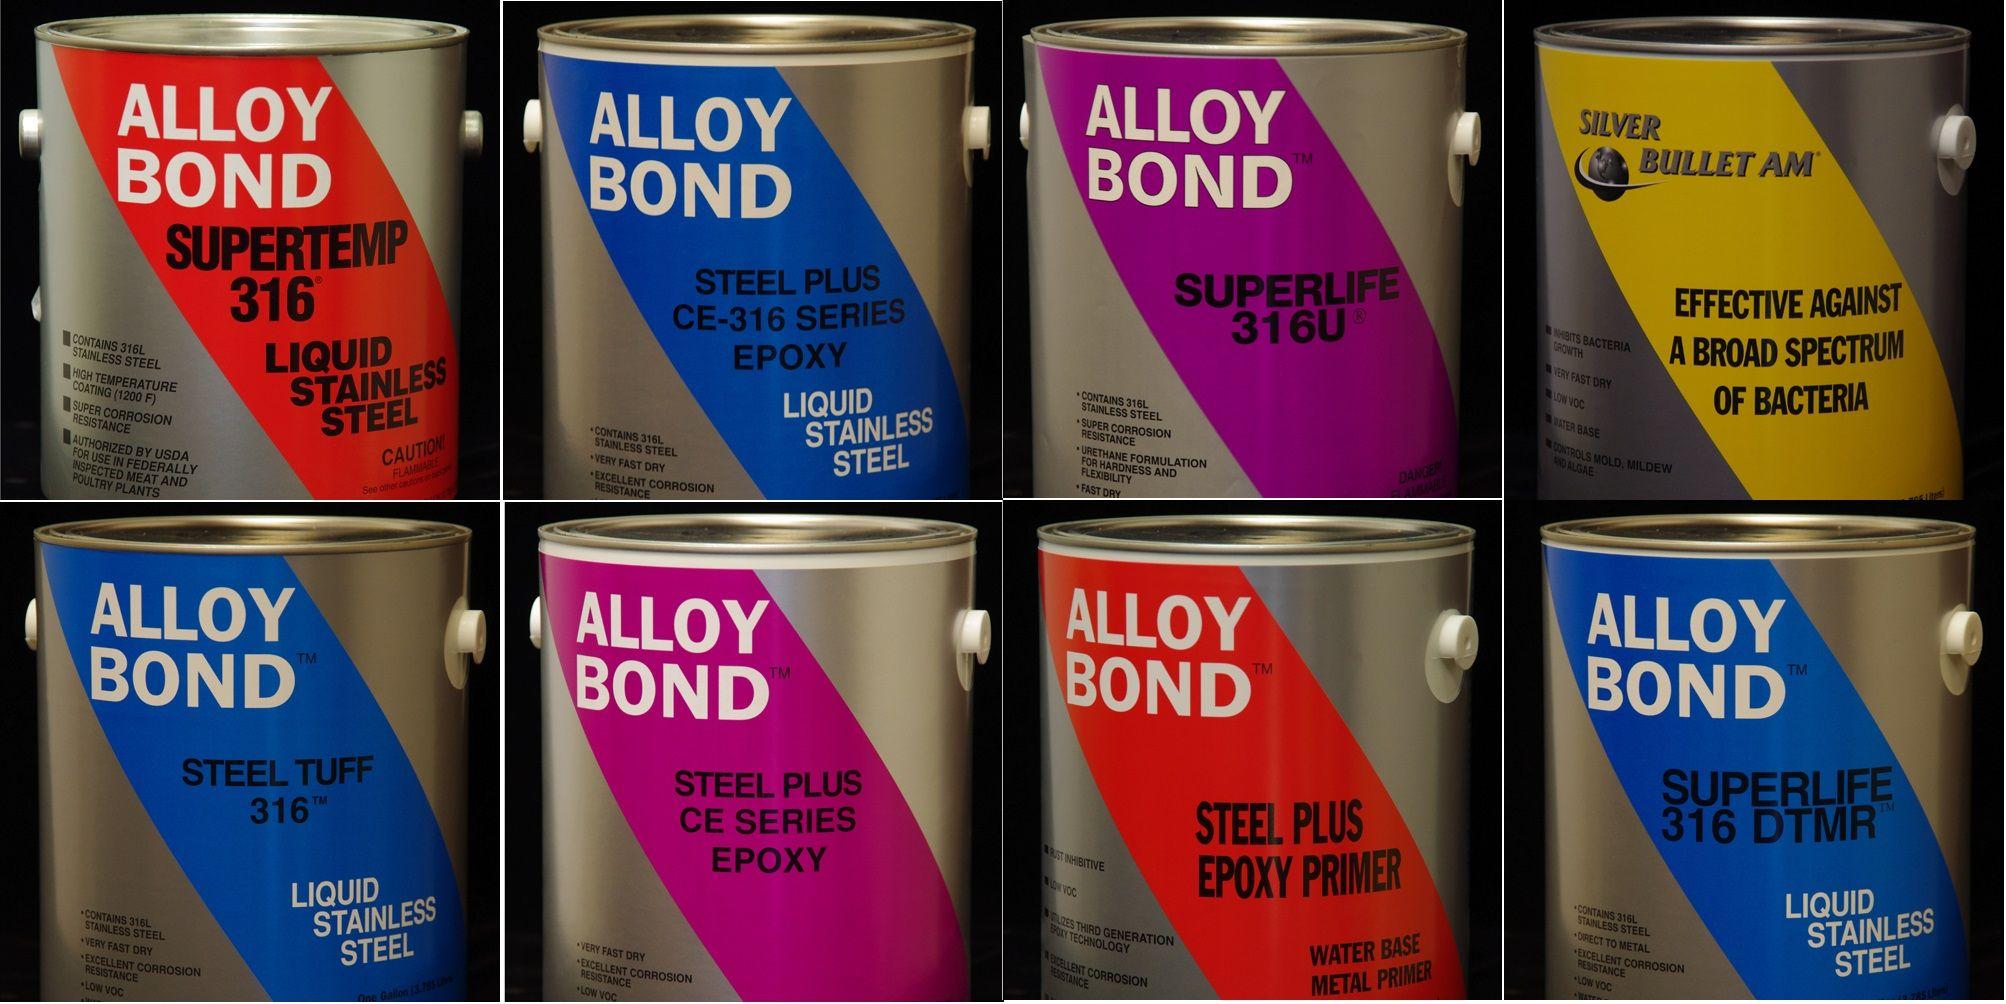 Burke Industrial Coatings Liquid Stainless Steel Coatings And Powders Www Burkeindustrialcoatings Com Stainless Steel Paint Storing Paint Stainless Steel